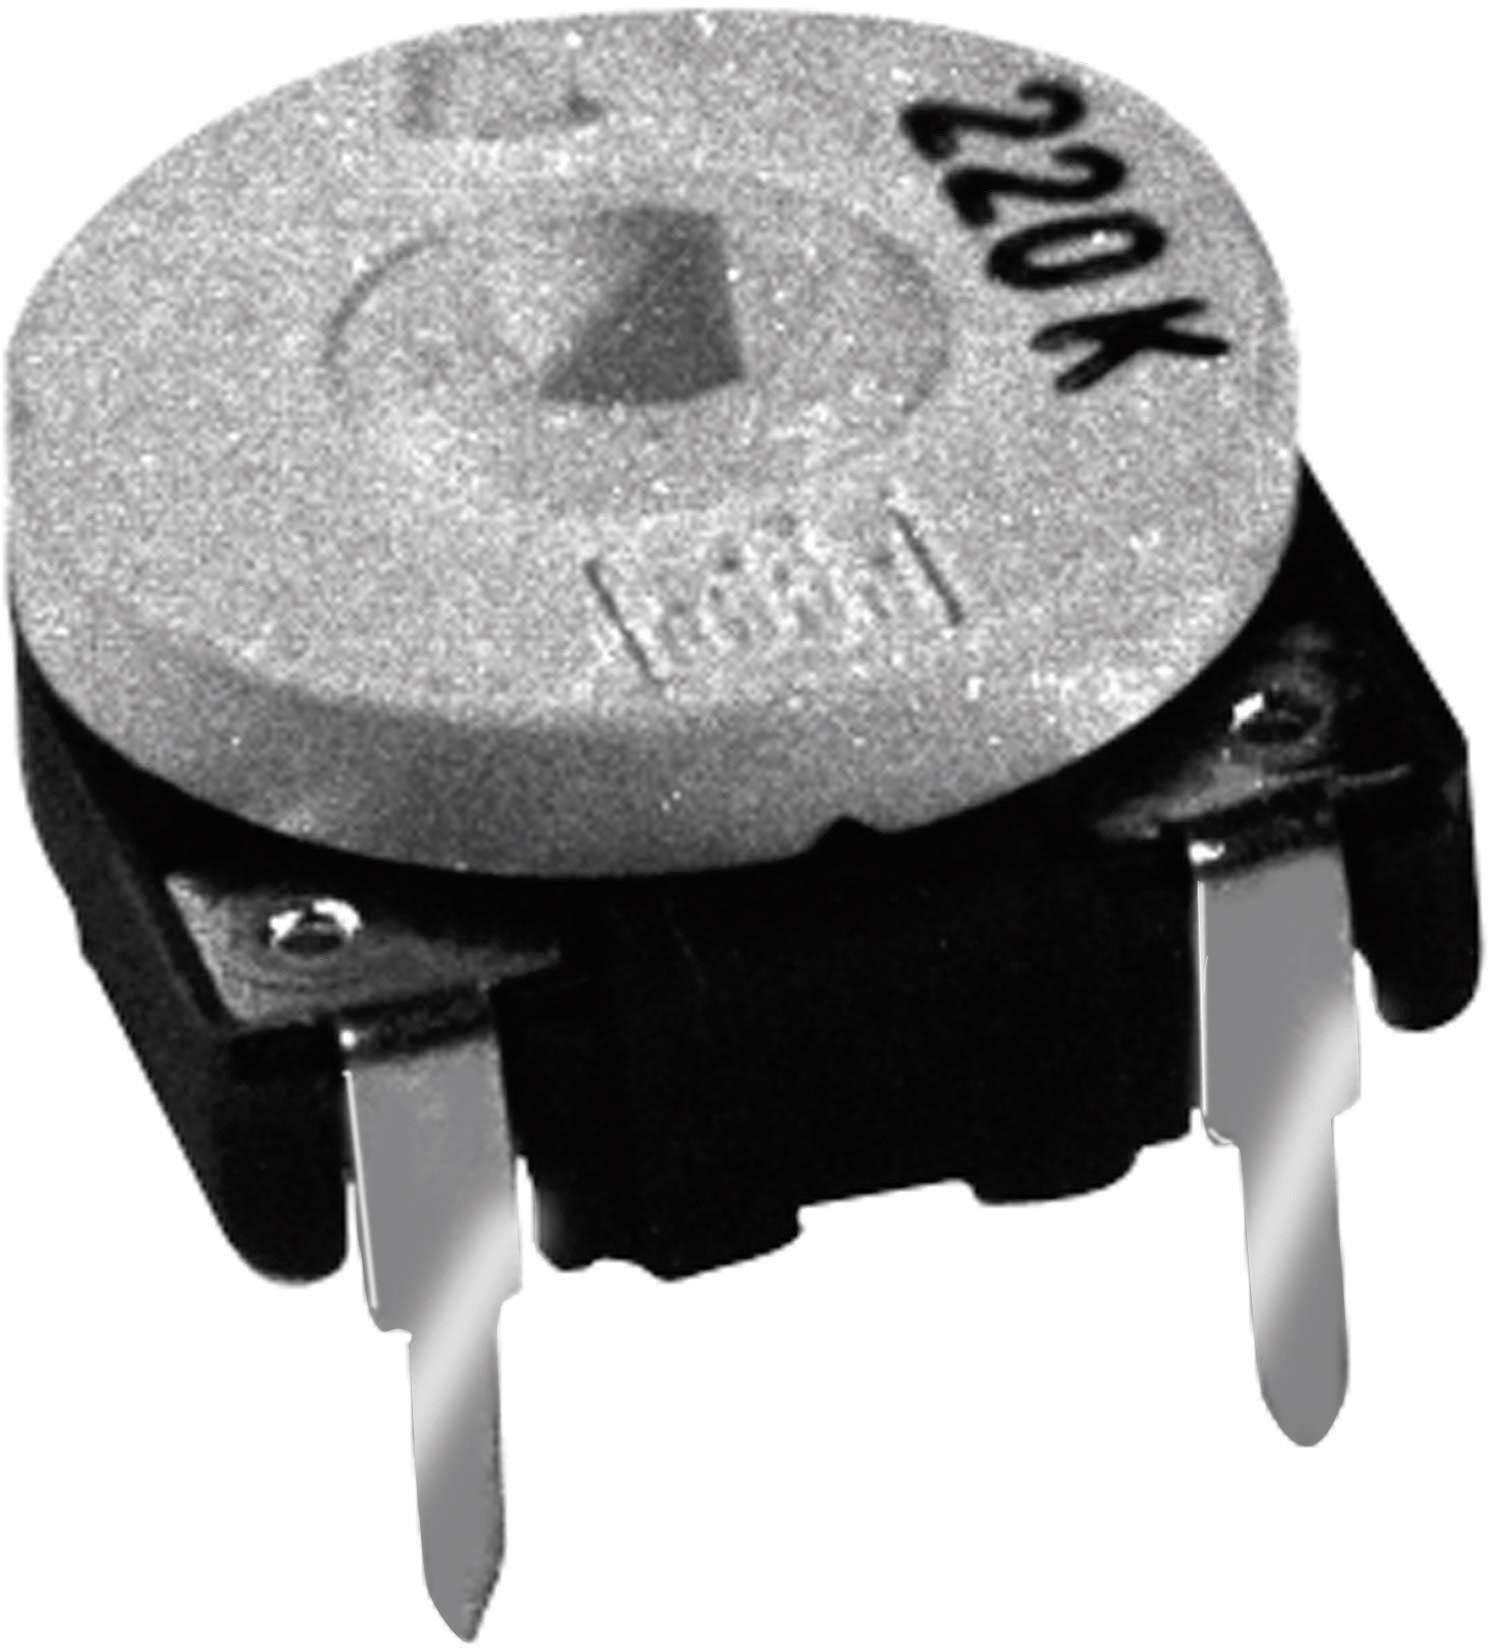 Uhlíkový trimer TT Electronics AB 21542005, lineárny, 4.7 kOhm, 0.15 W, 1 ks